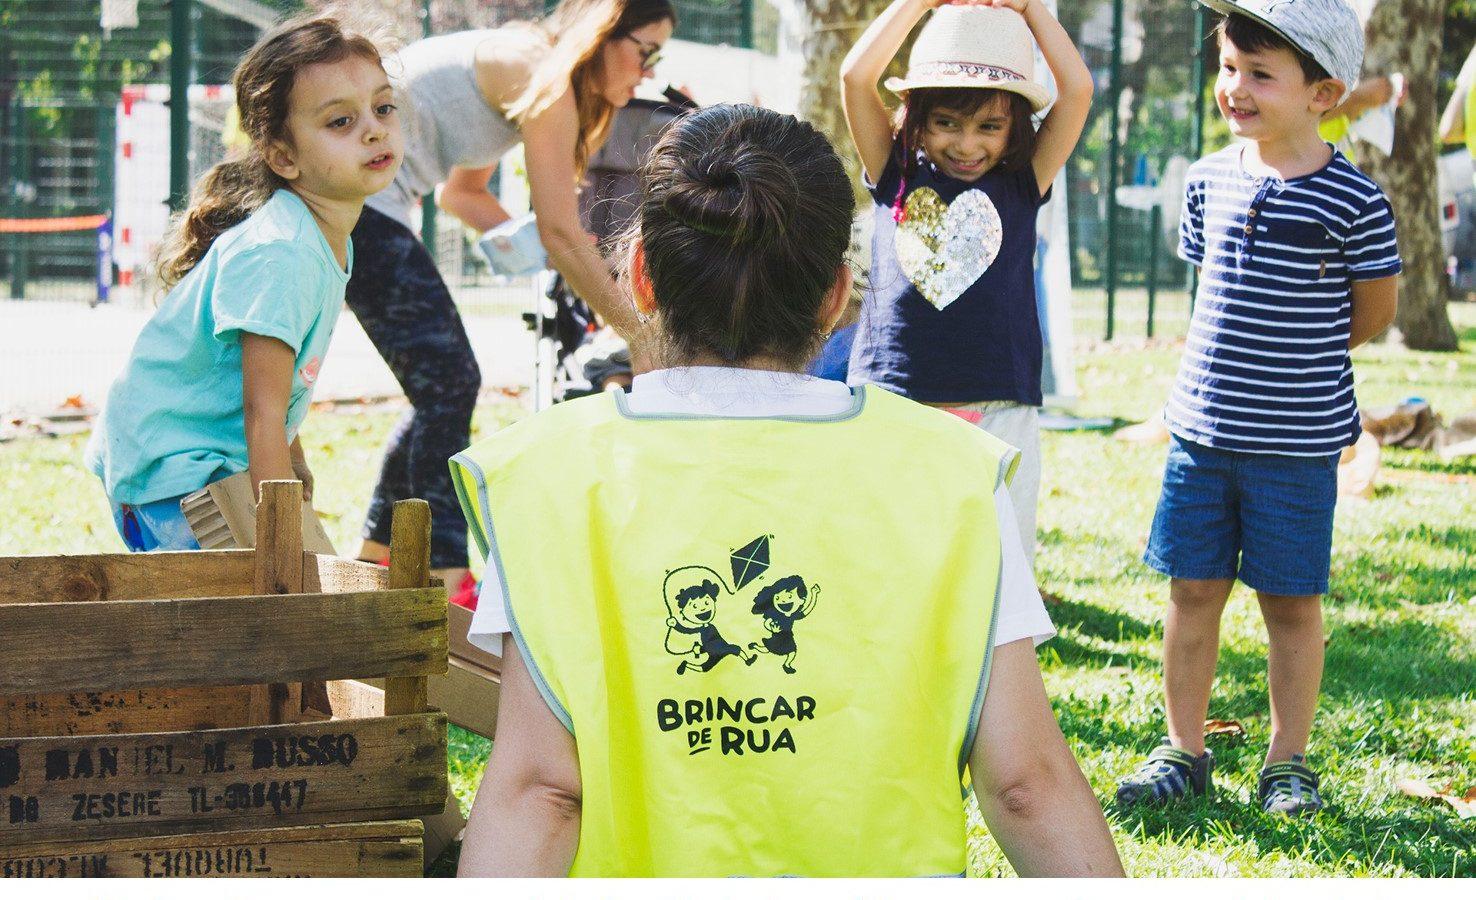 Junta-te ao movimento e a um grupo de pessoas que, como tu, fazem o que é preciso para garantir que as crianças crescem fortes, saudáveis e felizes.  Na Comunidade Brincar de Rua cabem eventos, recebe as notificações e faz parte dos mesmos.